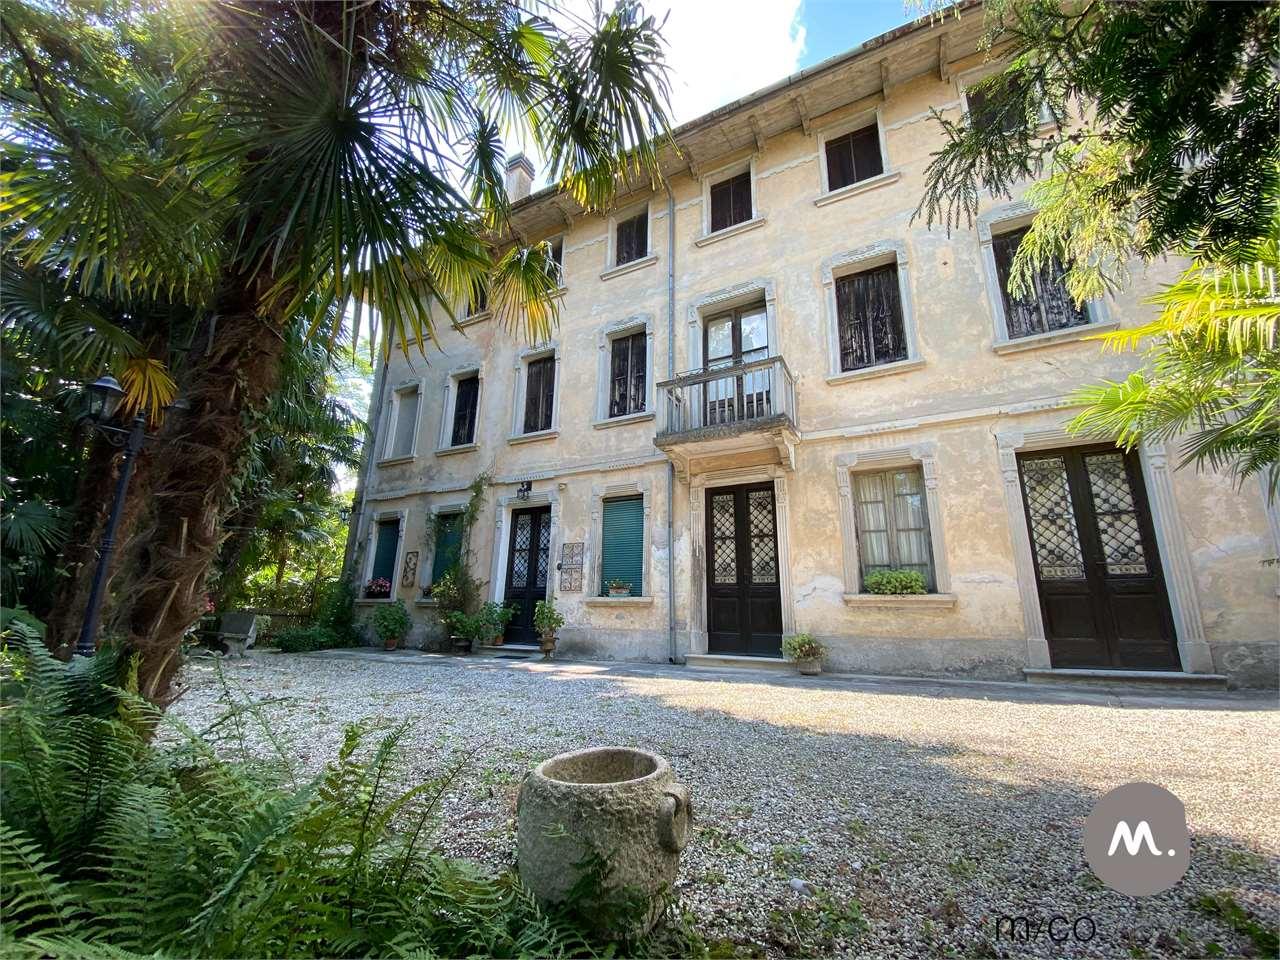 San Vito al Tagliamento Villa Storica con Parco Pr